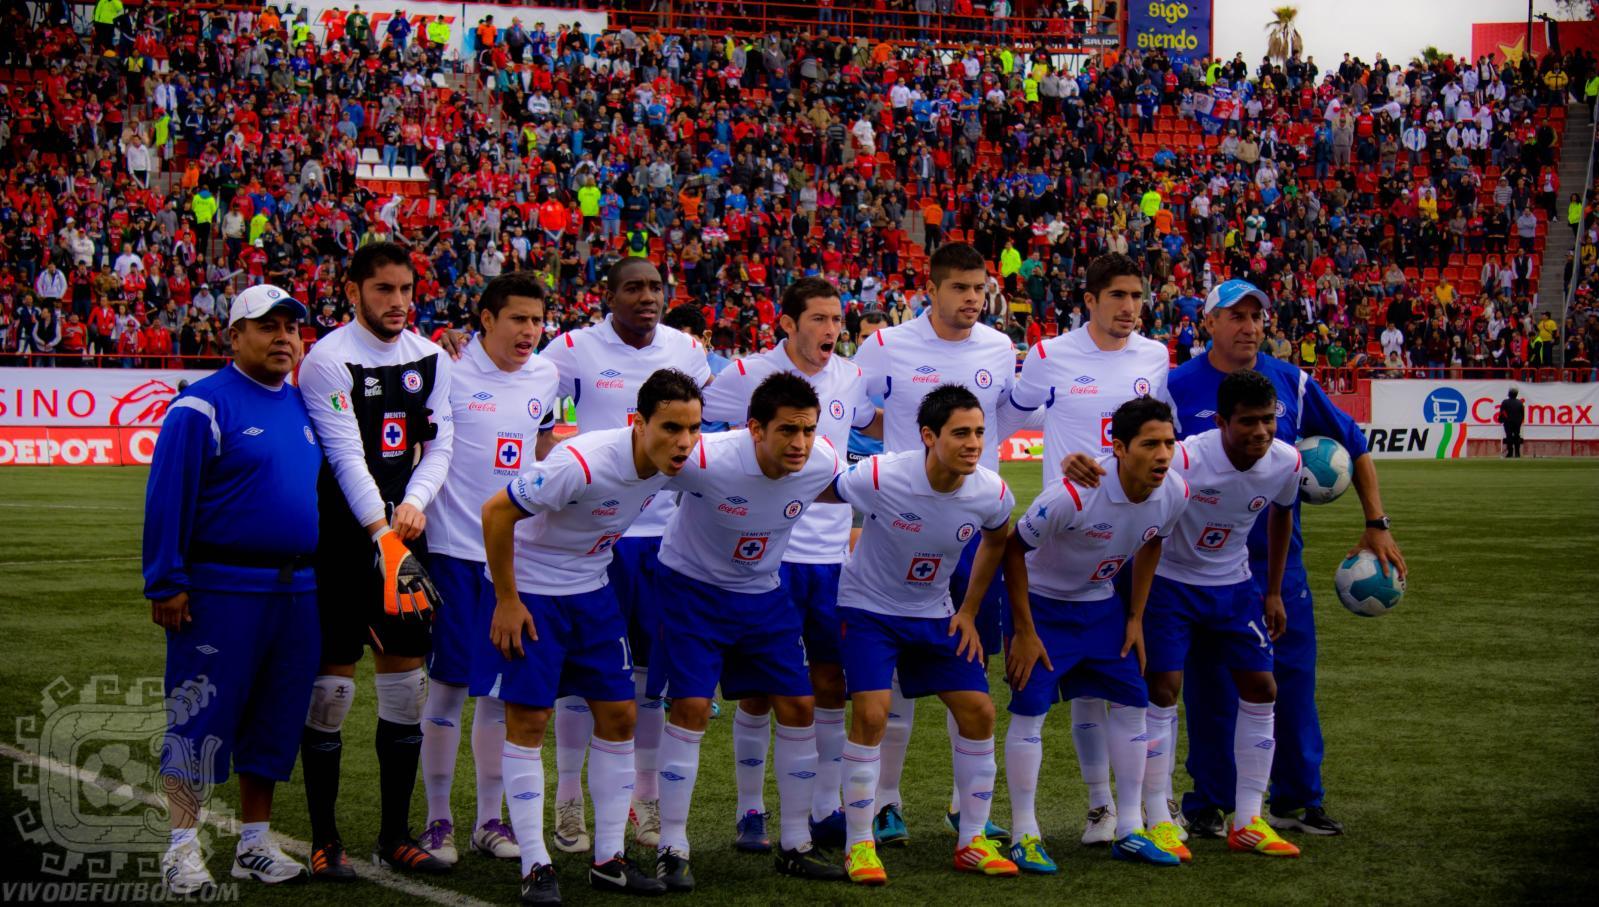 Description Escuadra Cruz Azul Clausura 2012